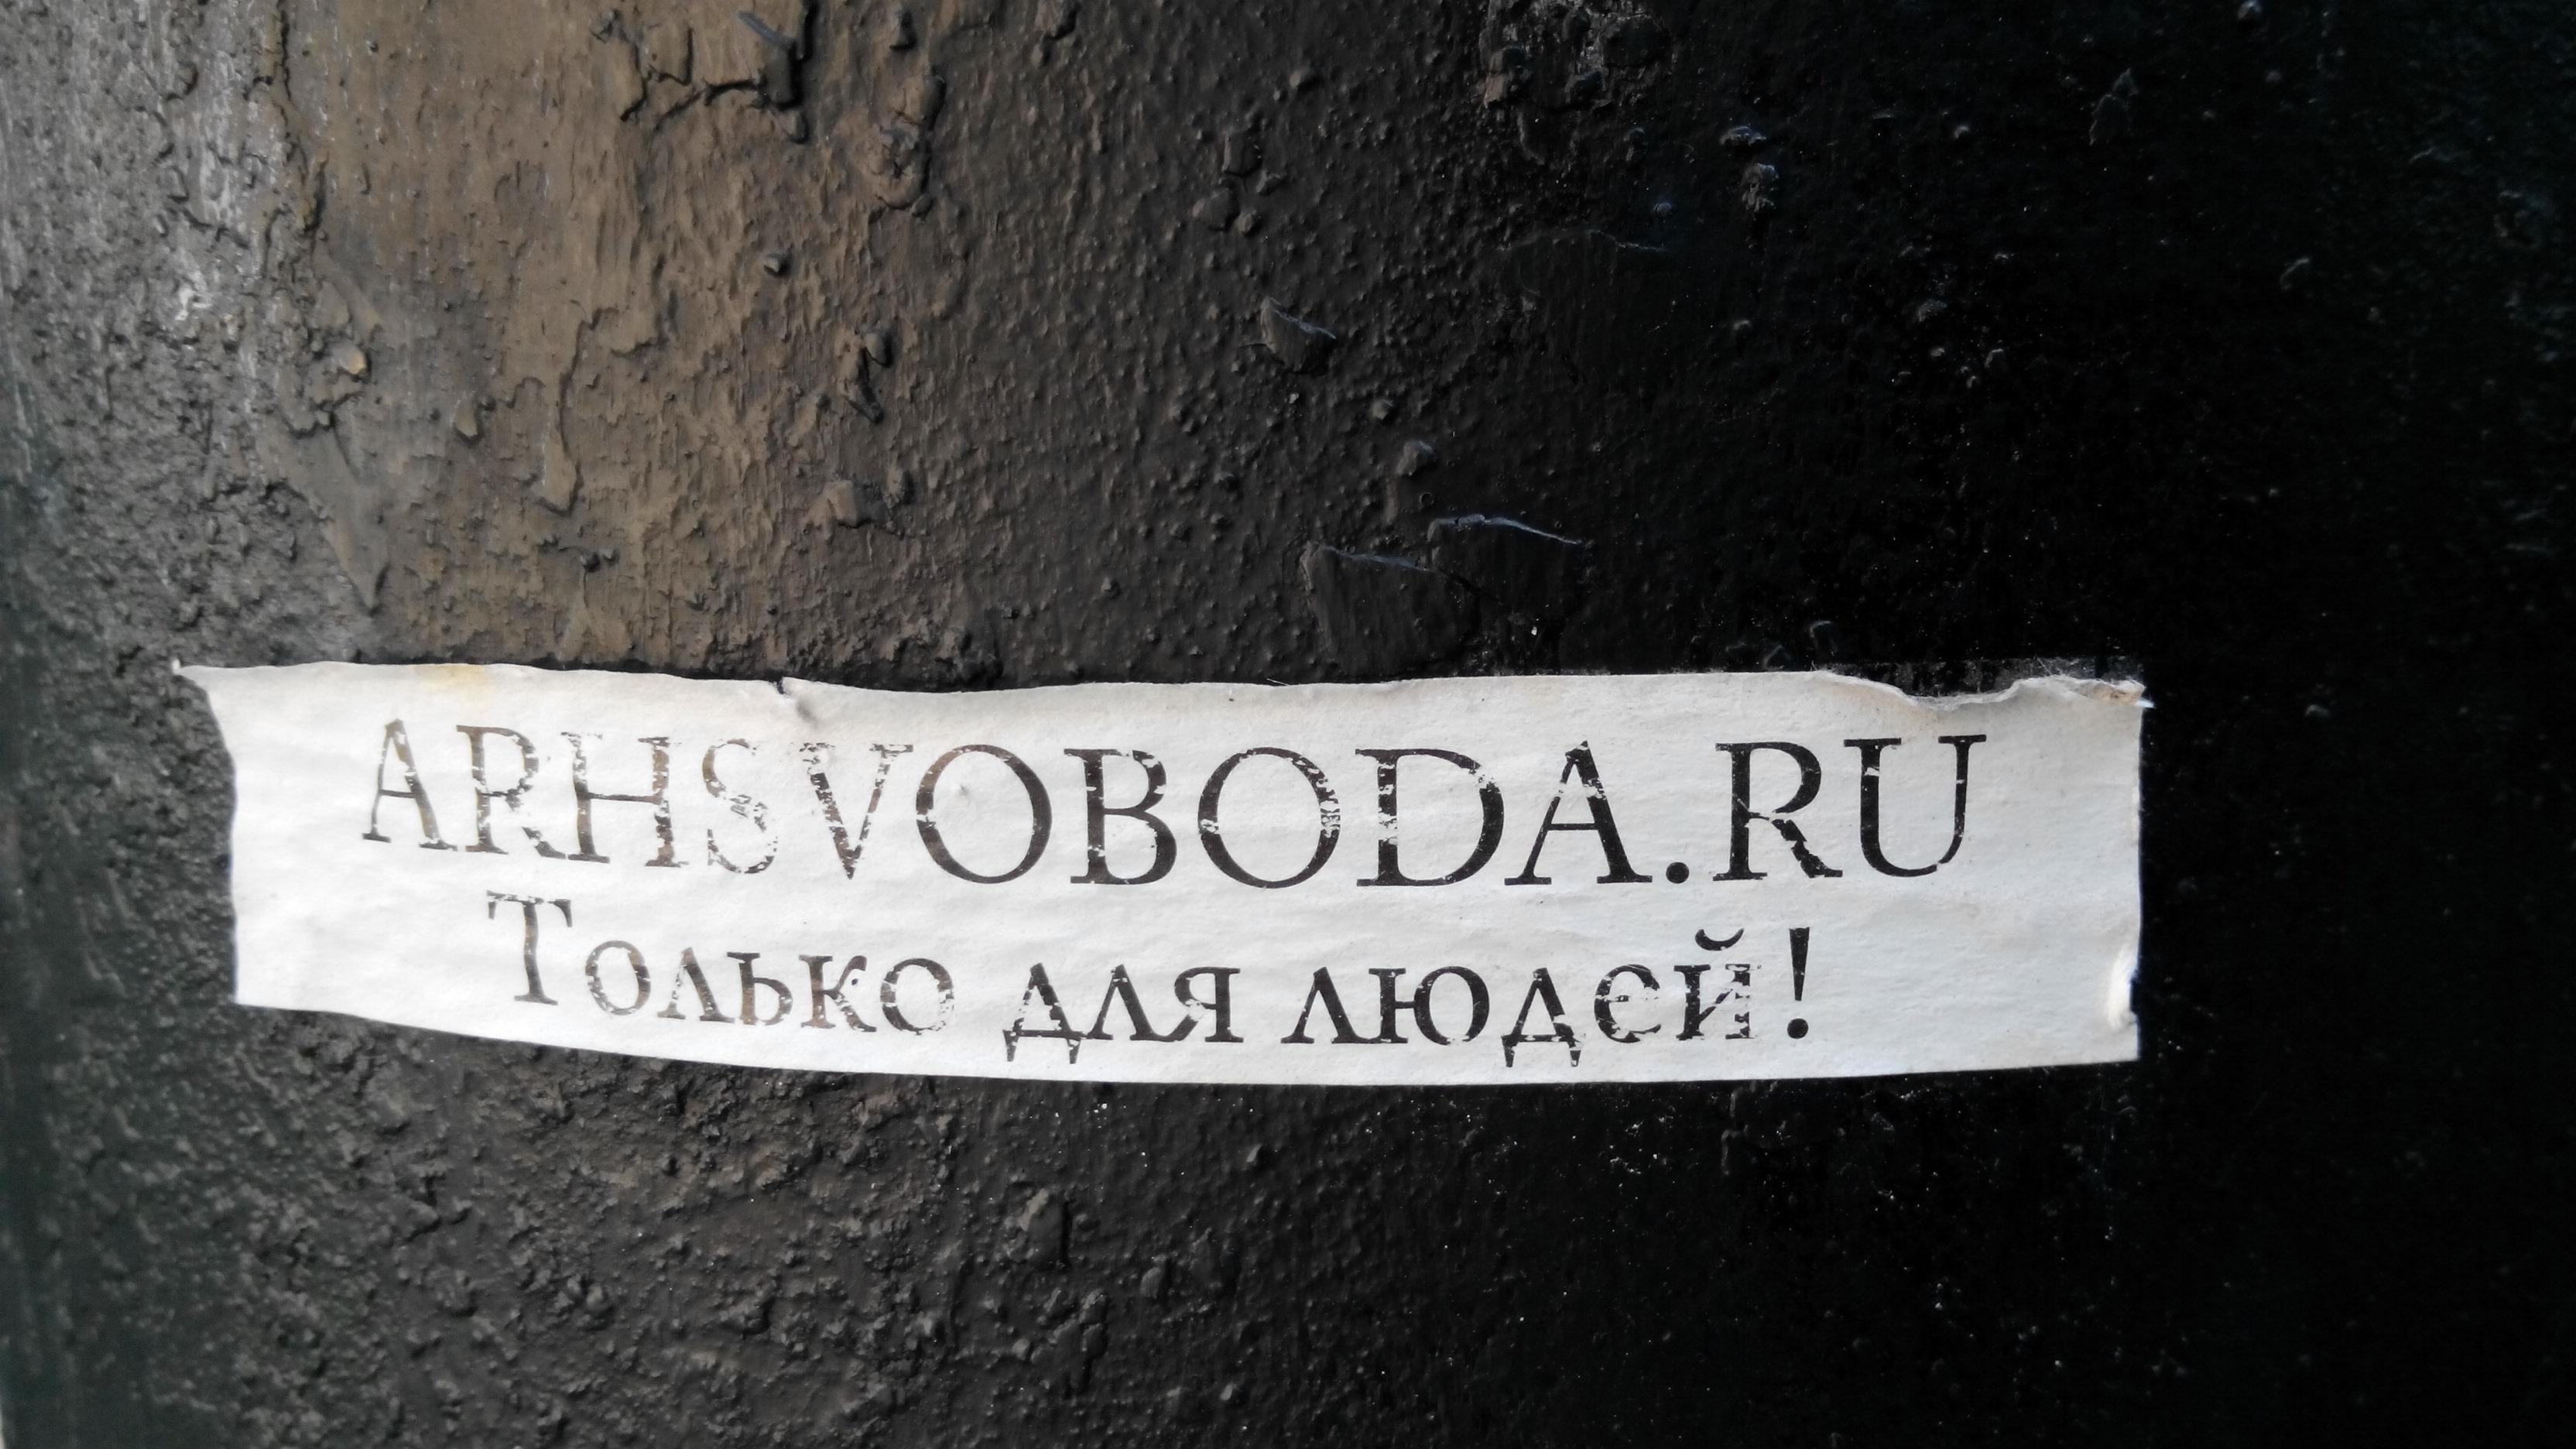 Архангельск. Подлость и противозаконность